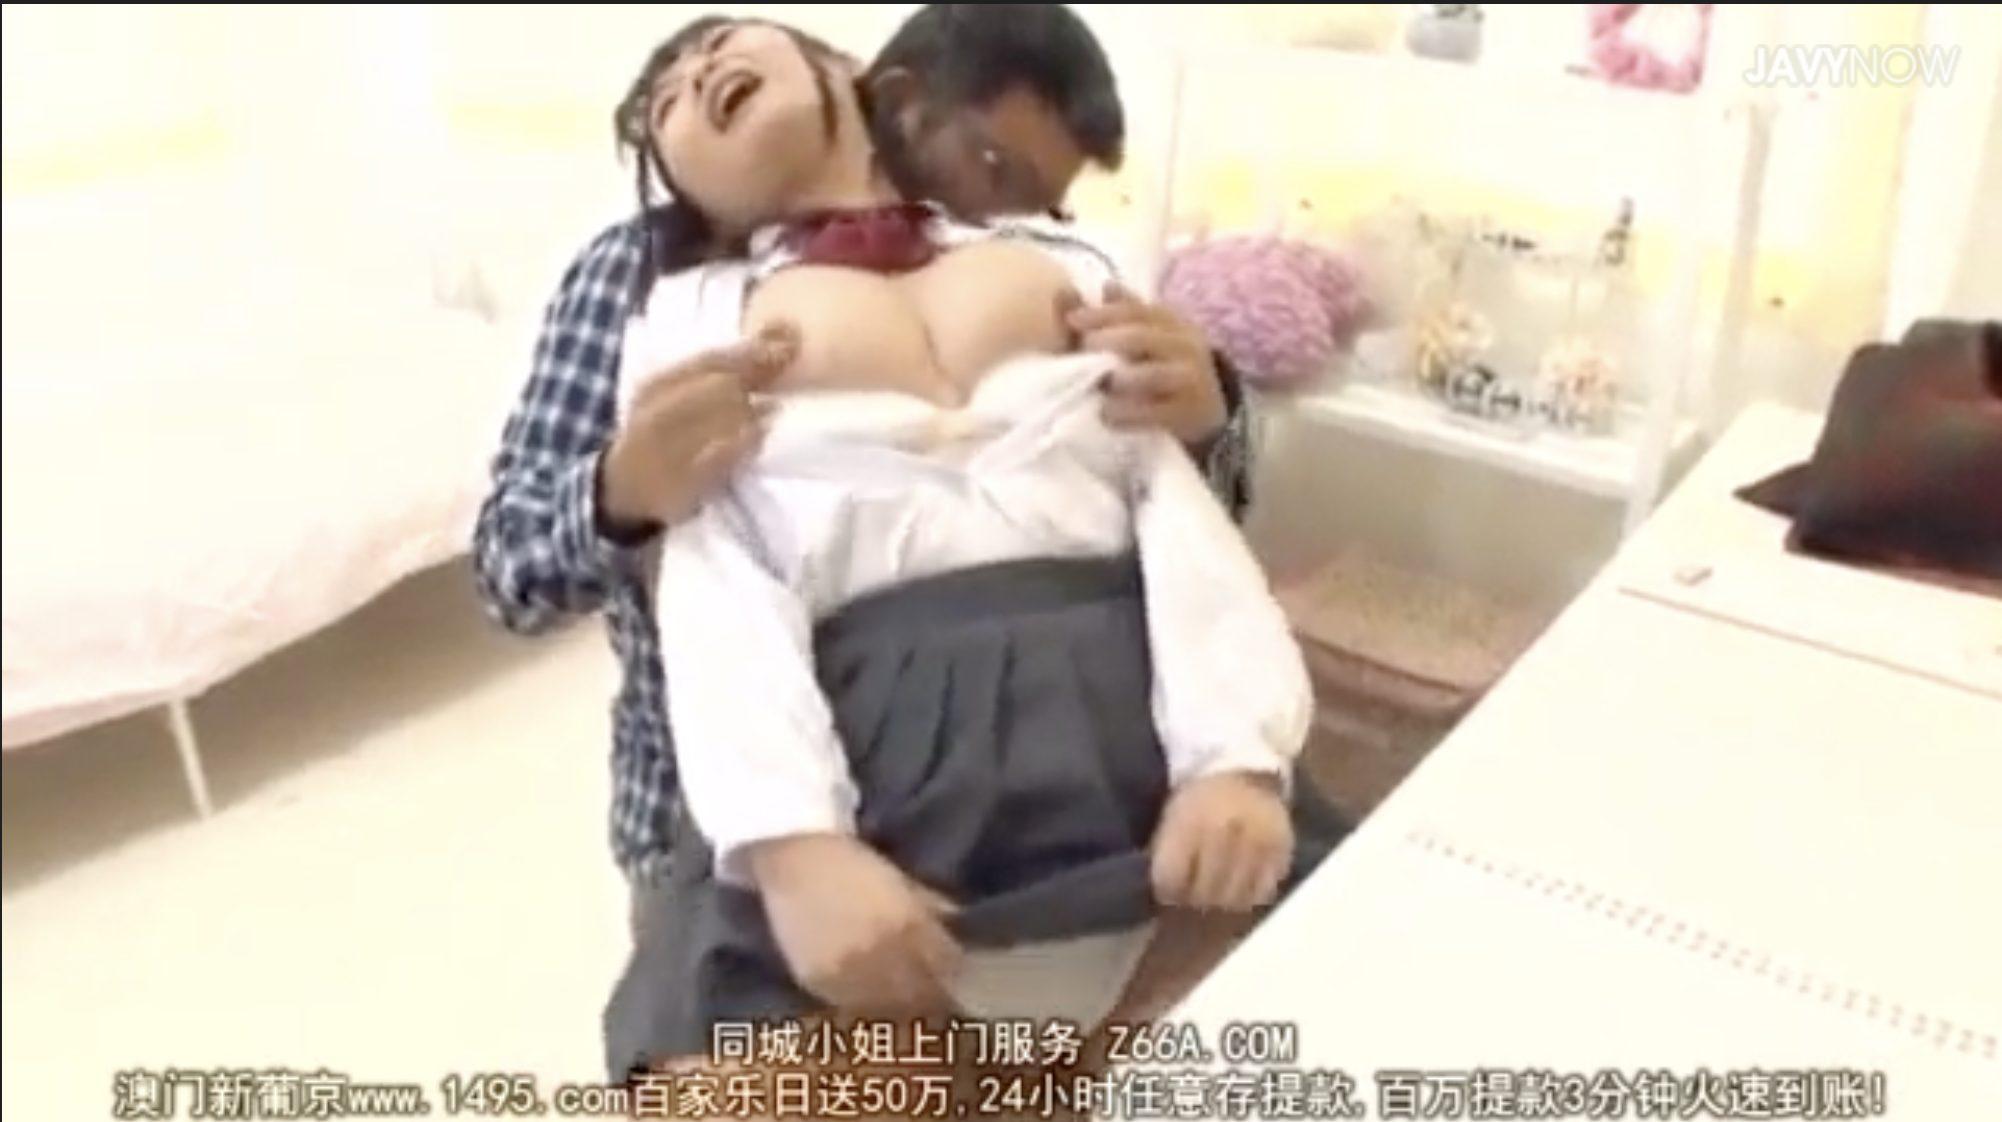 【エロ動画】巨乳女子高生が家庭教師に媚薬を盛られ、乳首をこねられ乳首イキ!「あっああっん!」